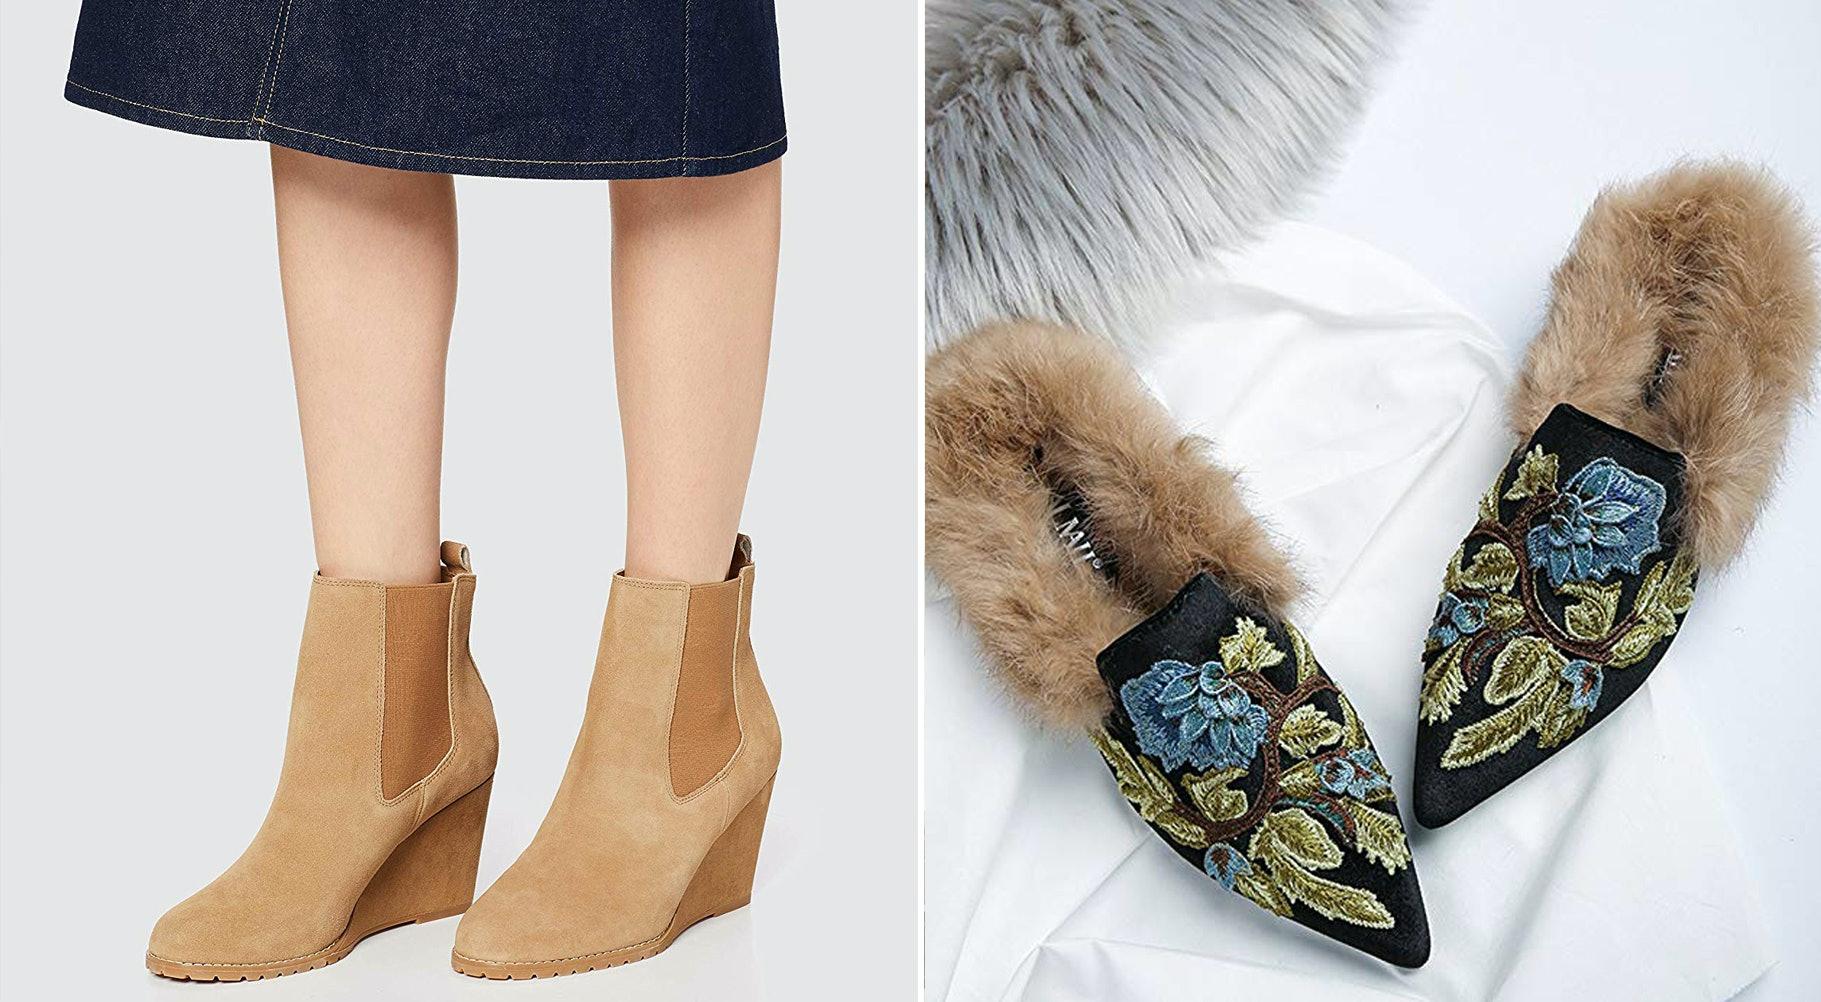 Versatile Look Vegan Suede Hidden Wedge Platform Sneakers Dual Side Zippers